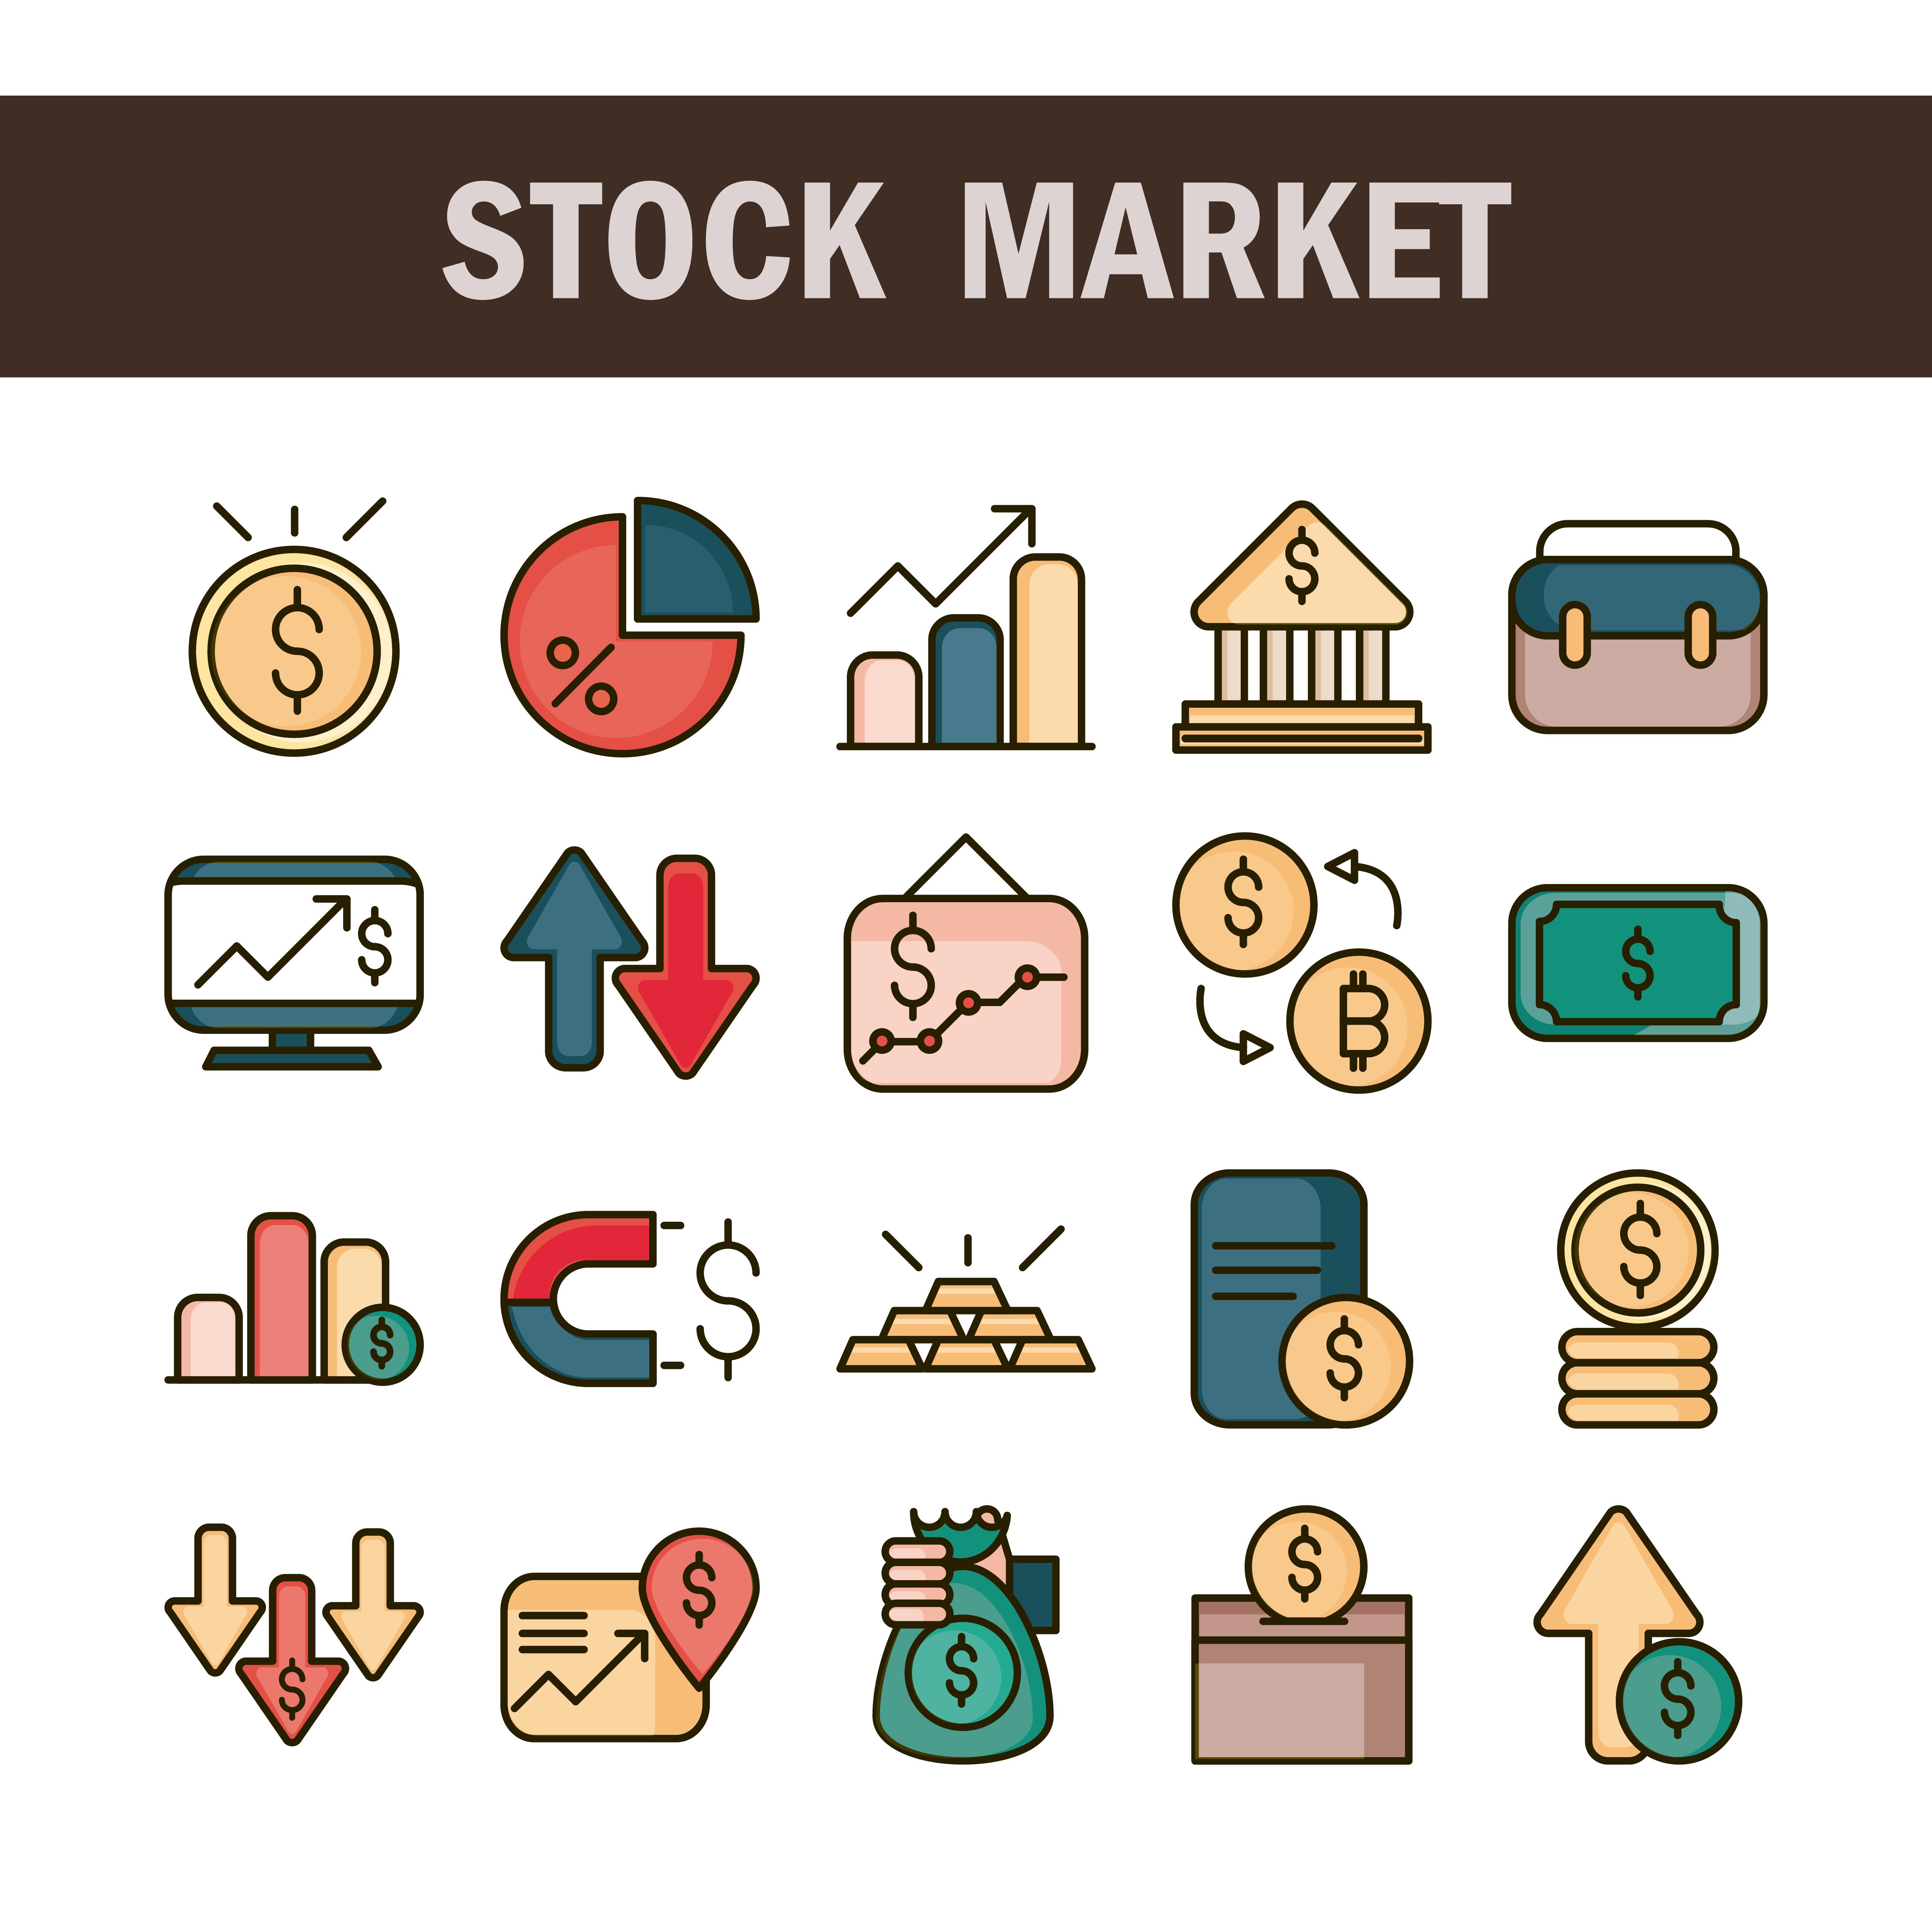 línea de mercado de valores y economía y conjunto de iconos de relleno